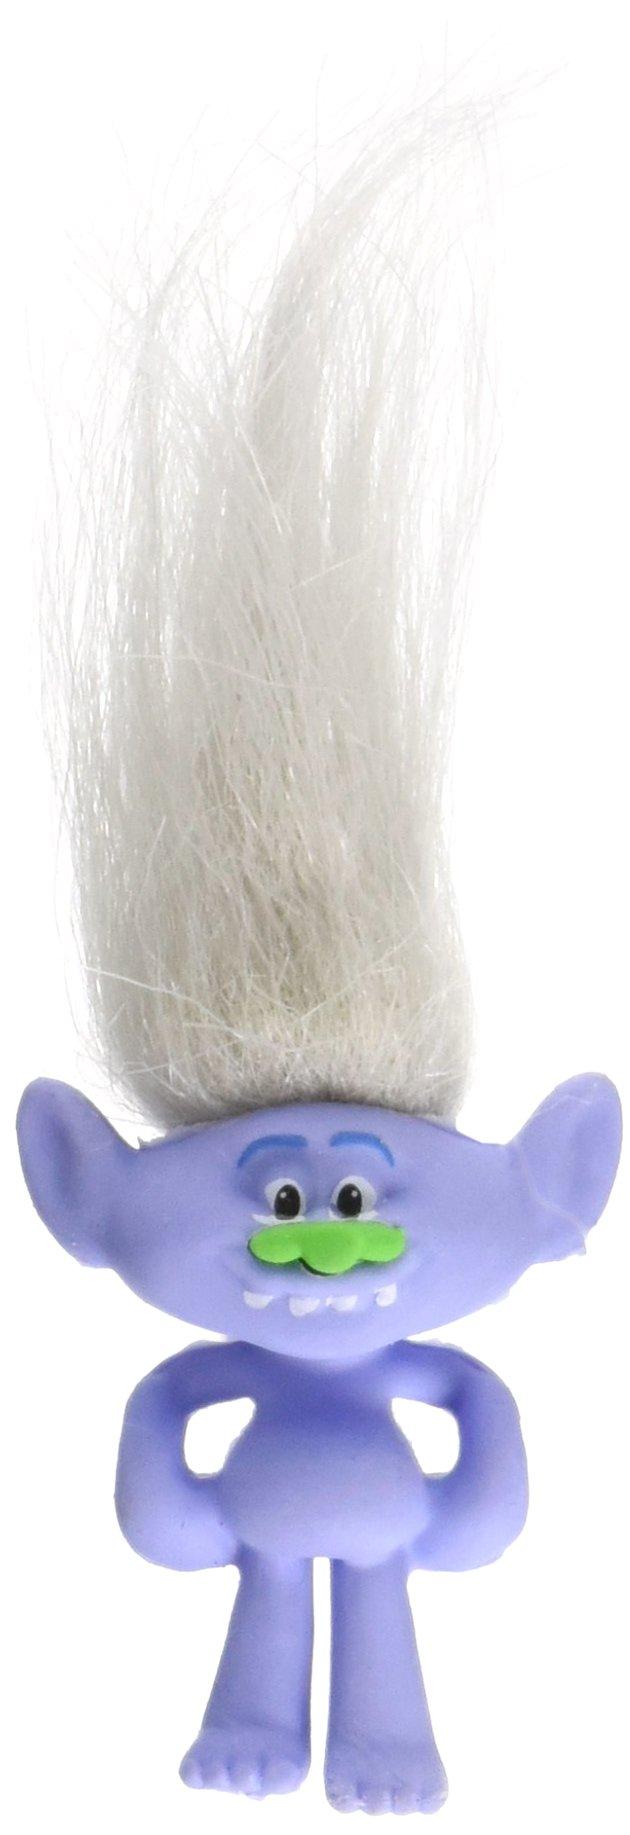 DreamWorks Trolls 3D Figural Eraser Novelty